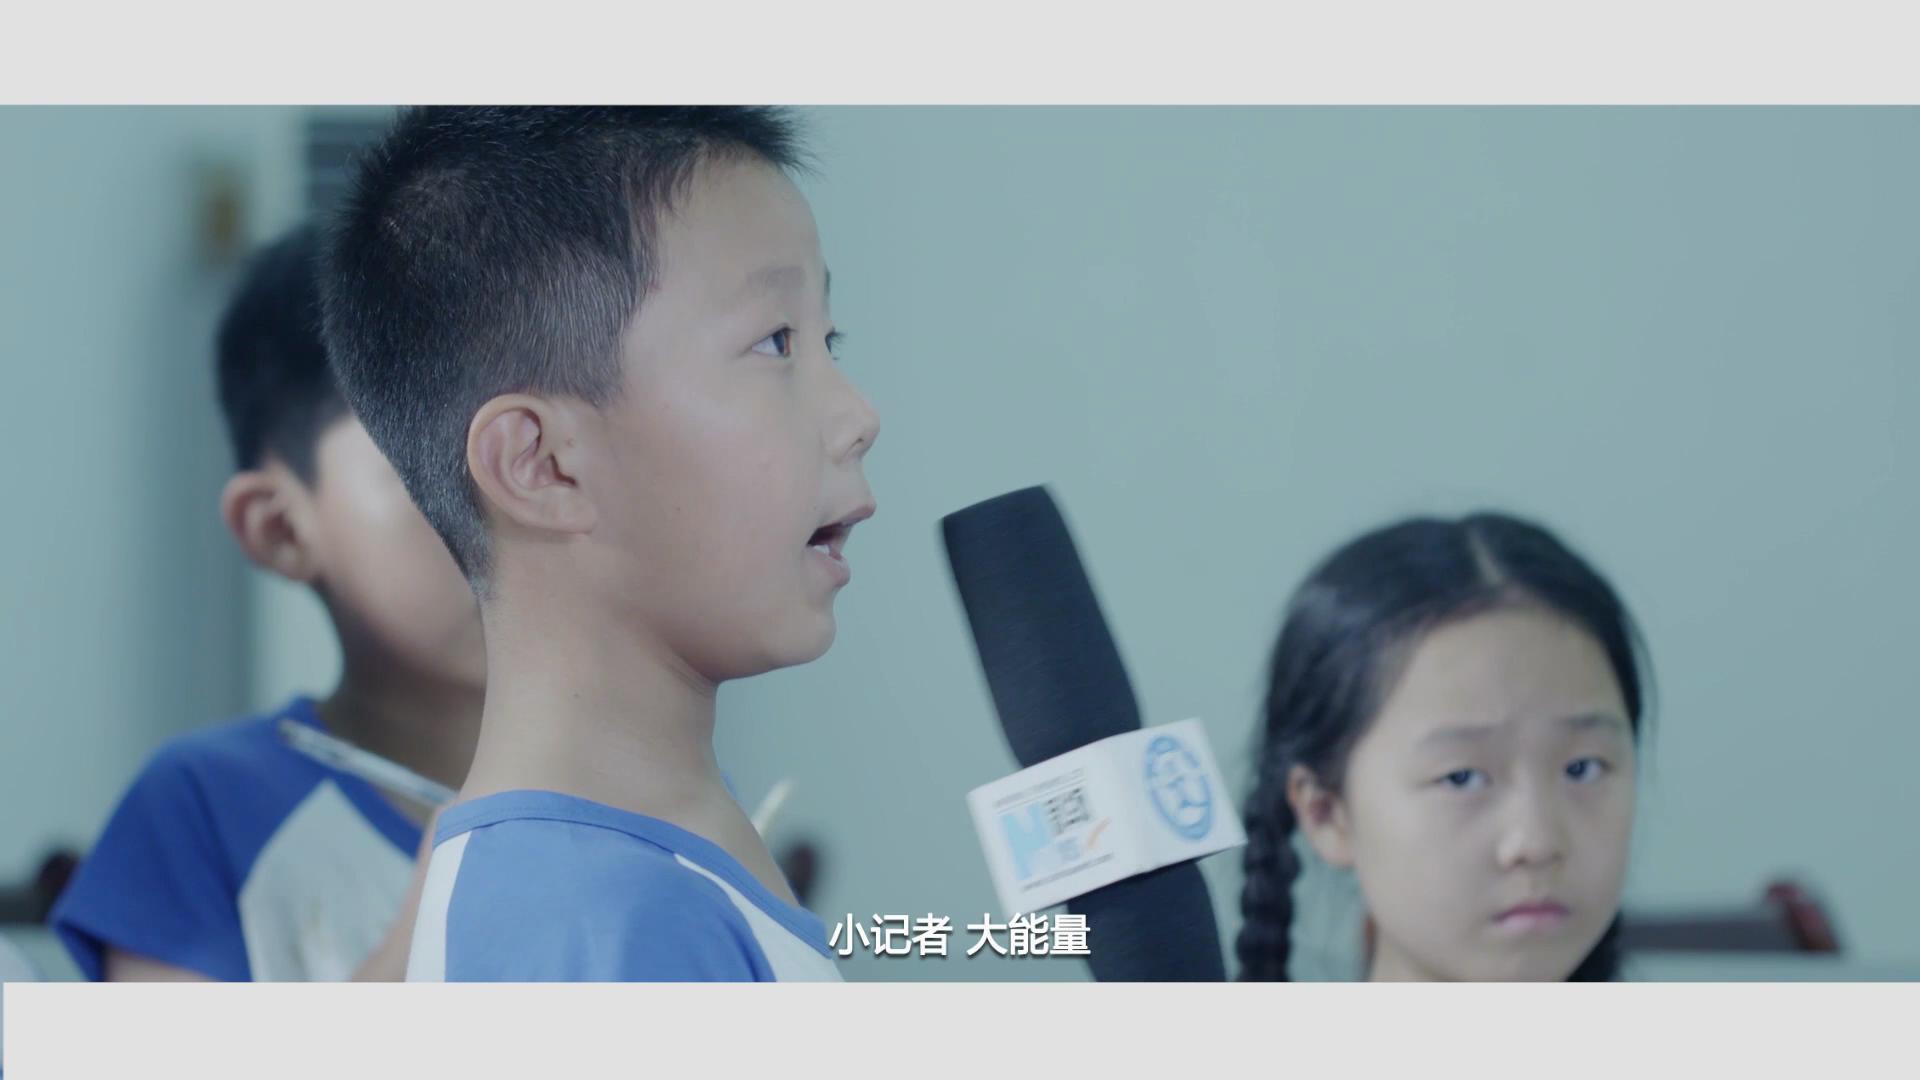 新华小记者之歌:相约中国梦